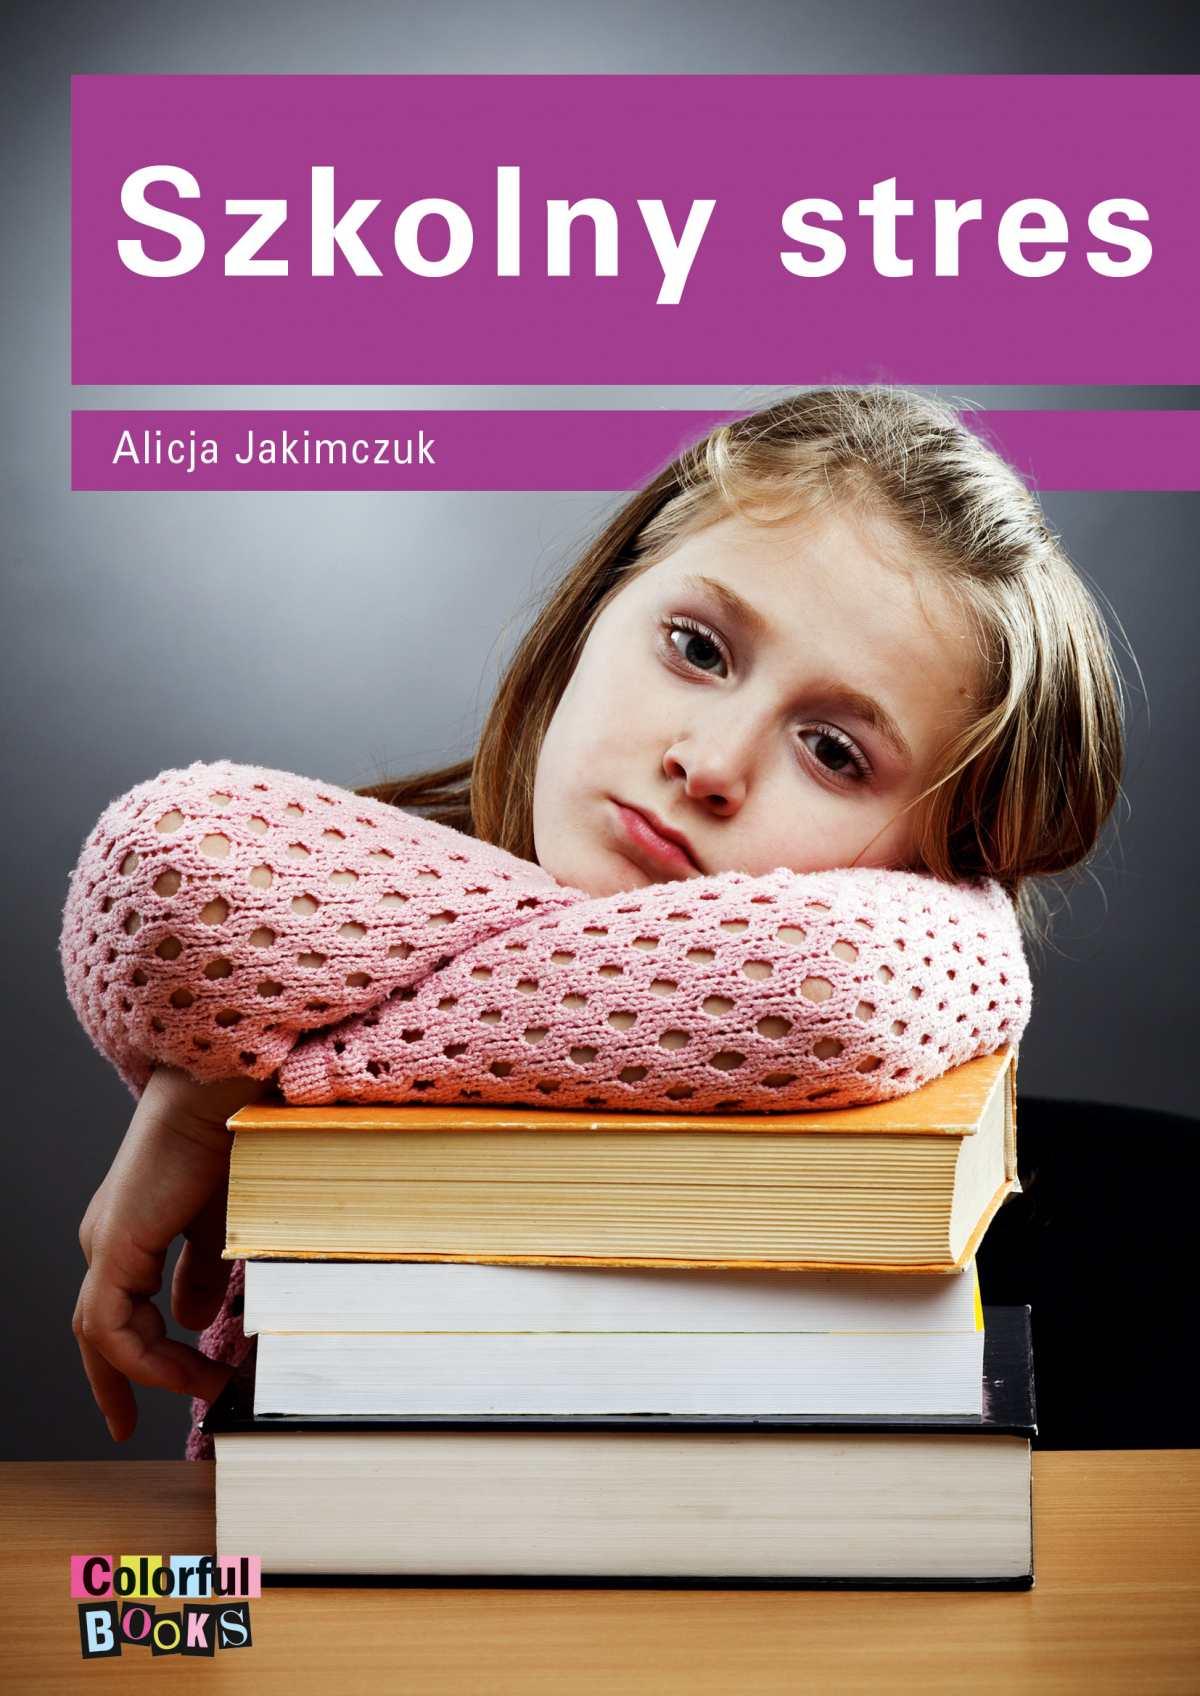 Szkolny stres - Ebook (Książka PDF) do pobrania w formacie PDF